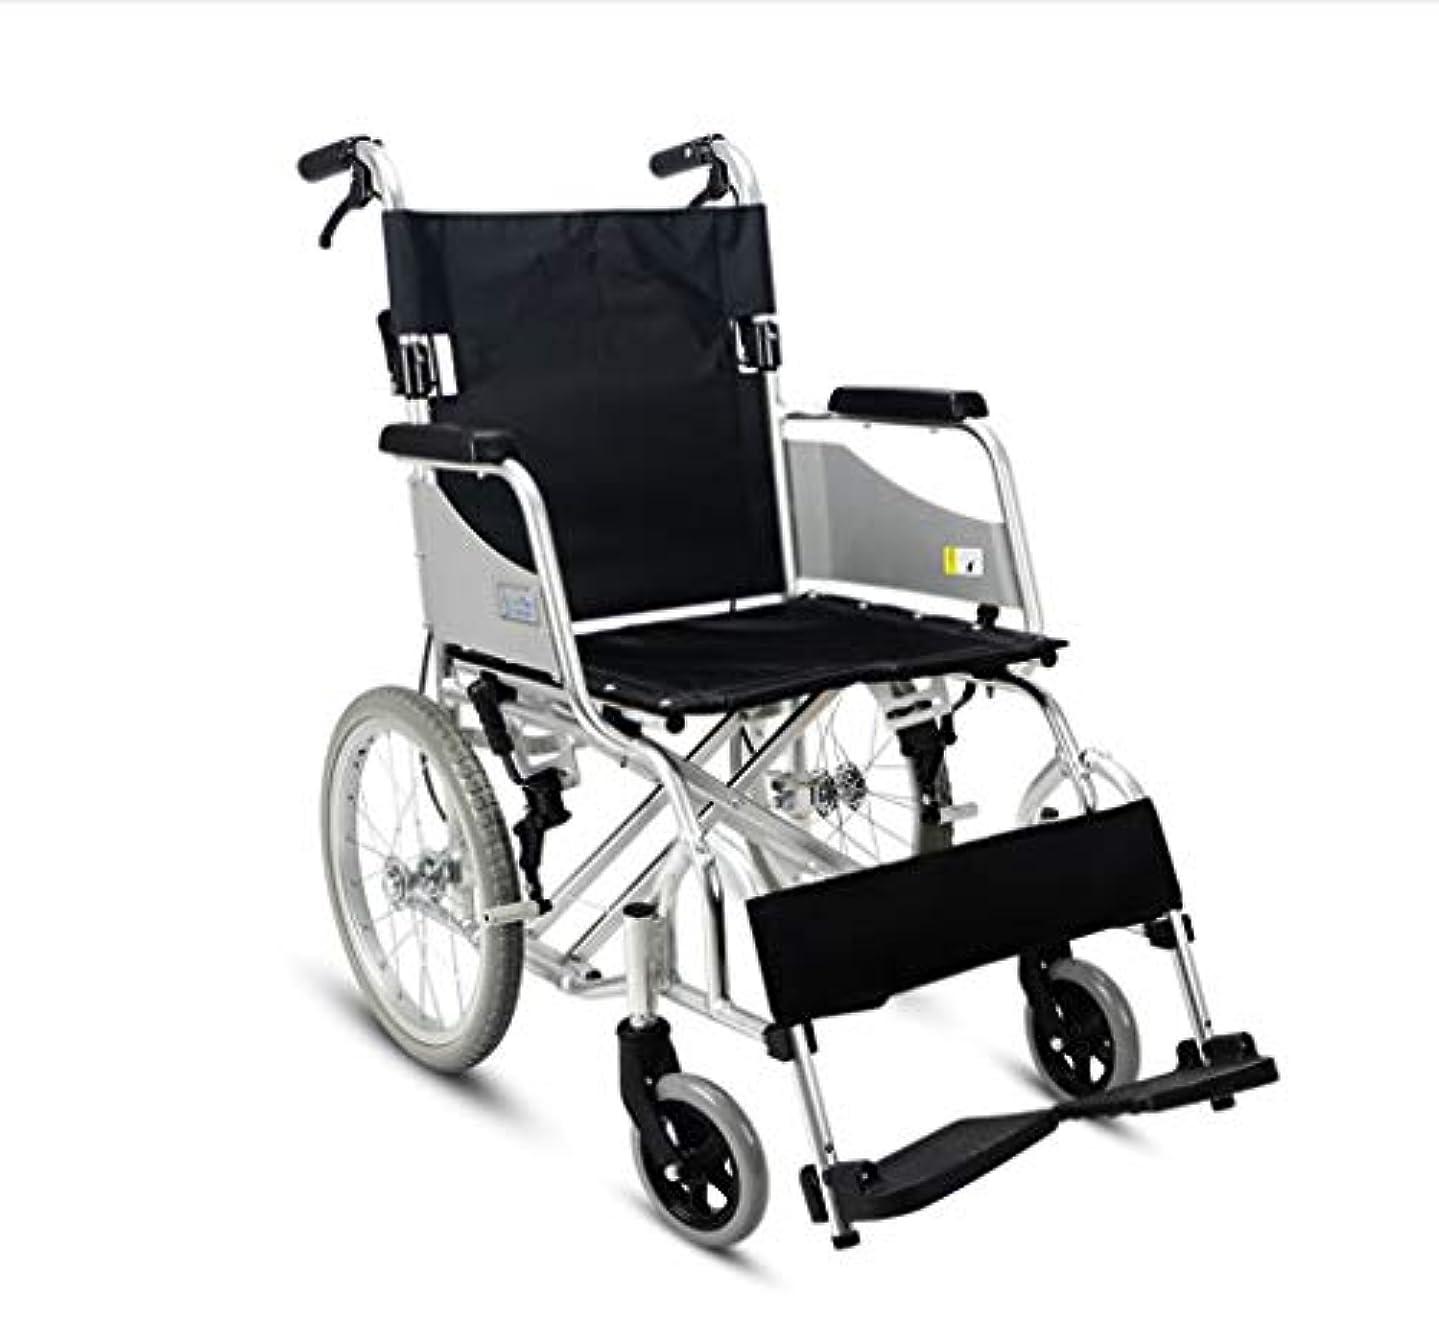 物理学者机花輪車椅子高齢者ポータブル、折りたたみハンドプッシュ屋外旅行車椅子